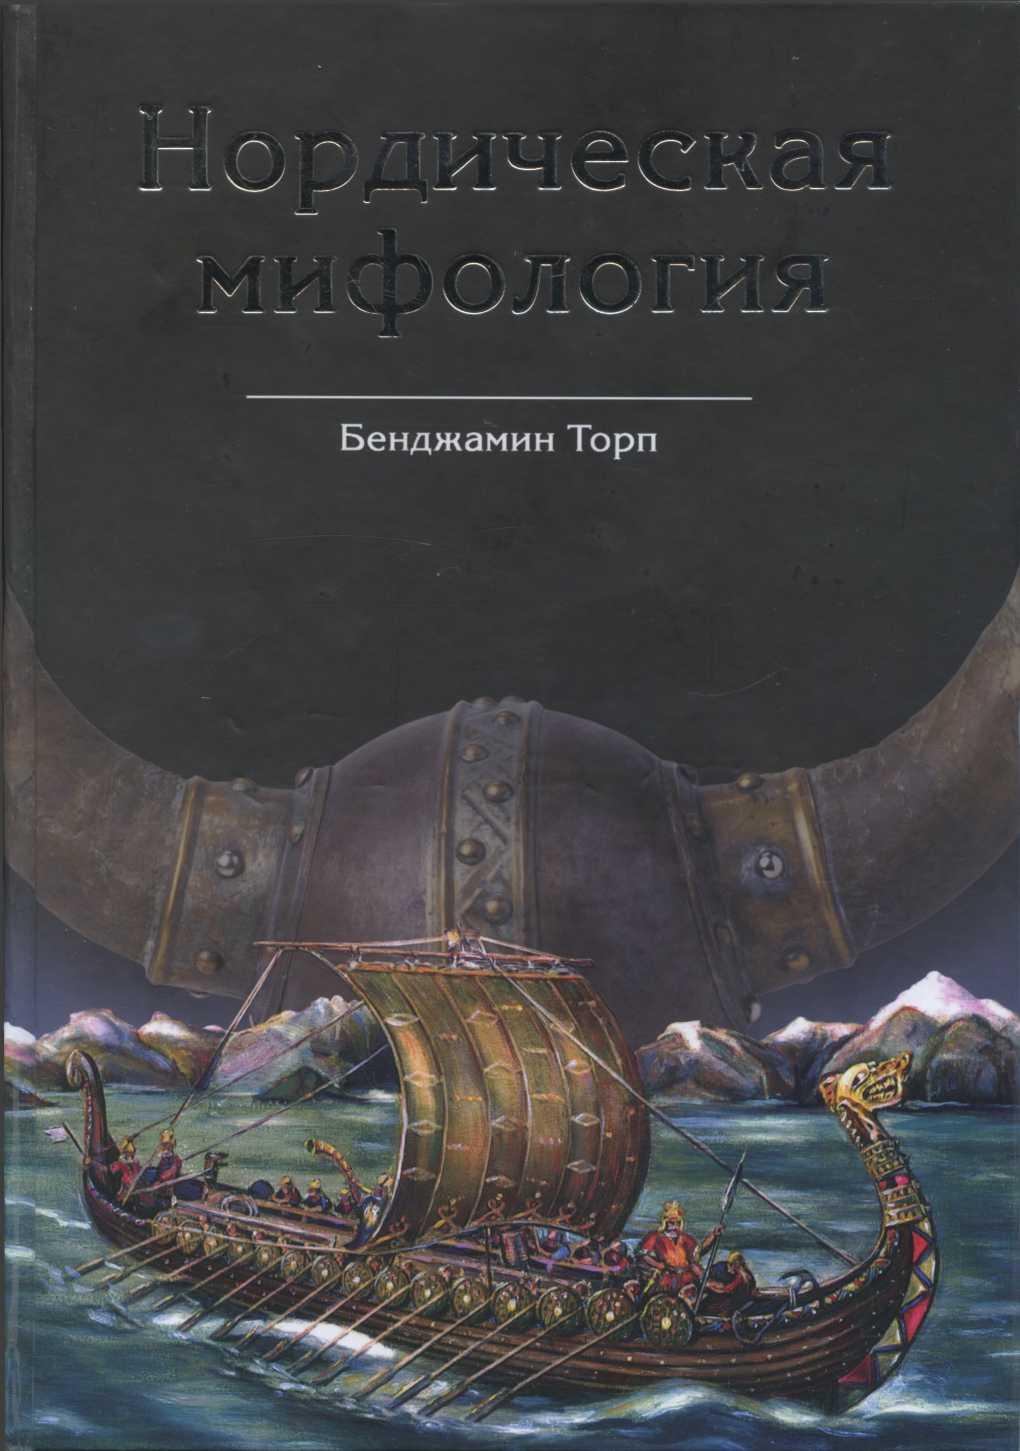 Книги мифология скачать бесплатно